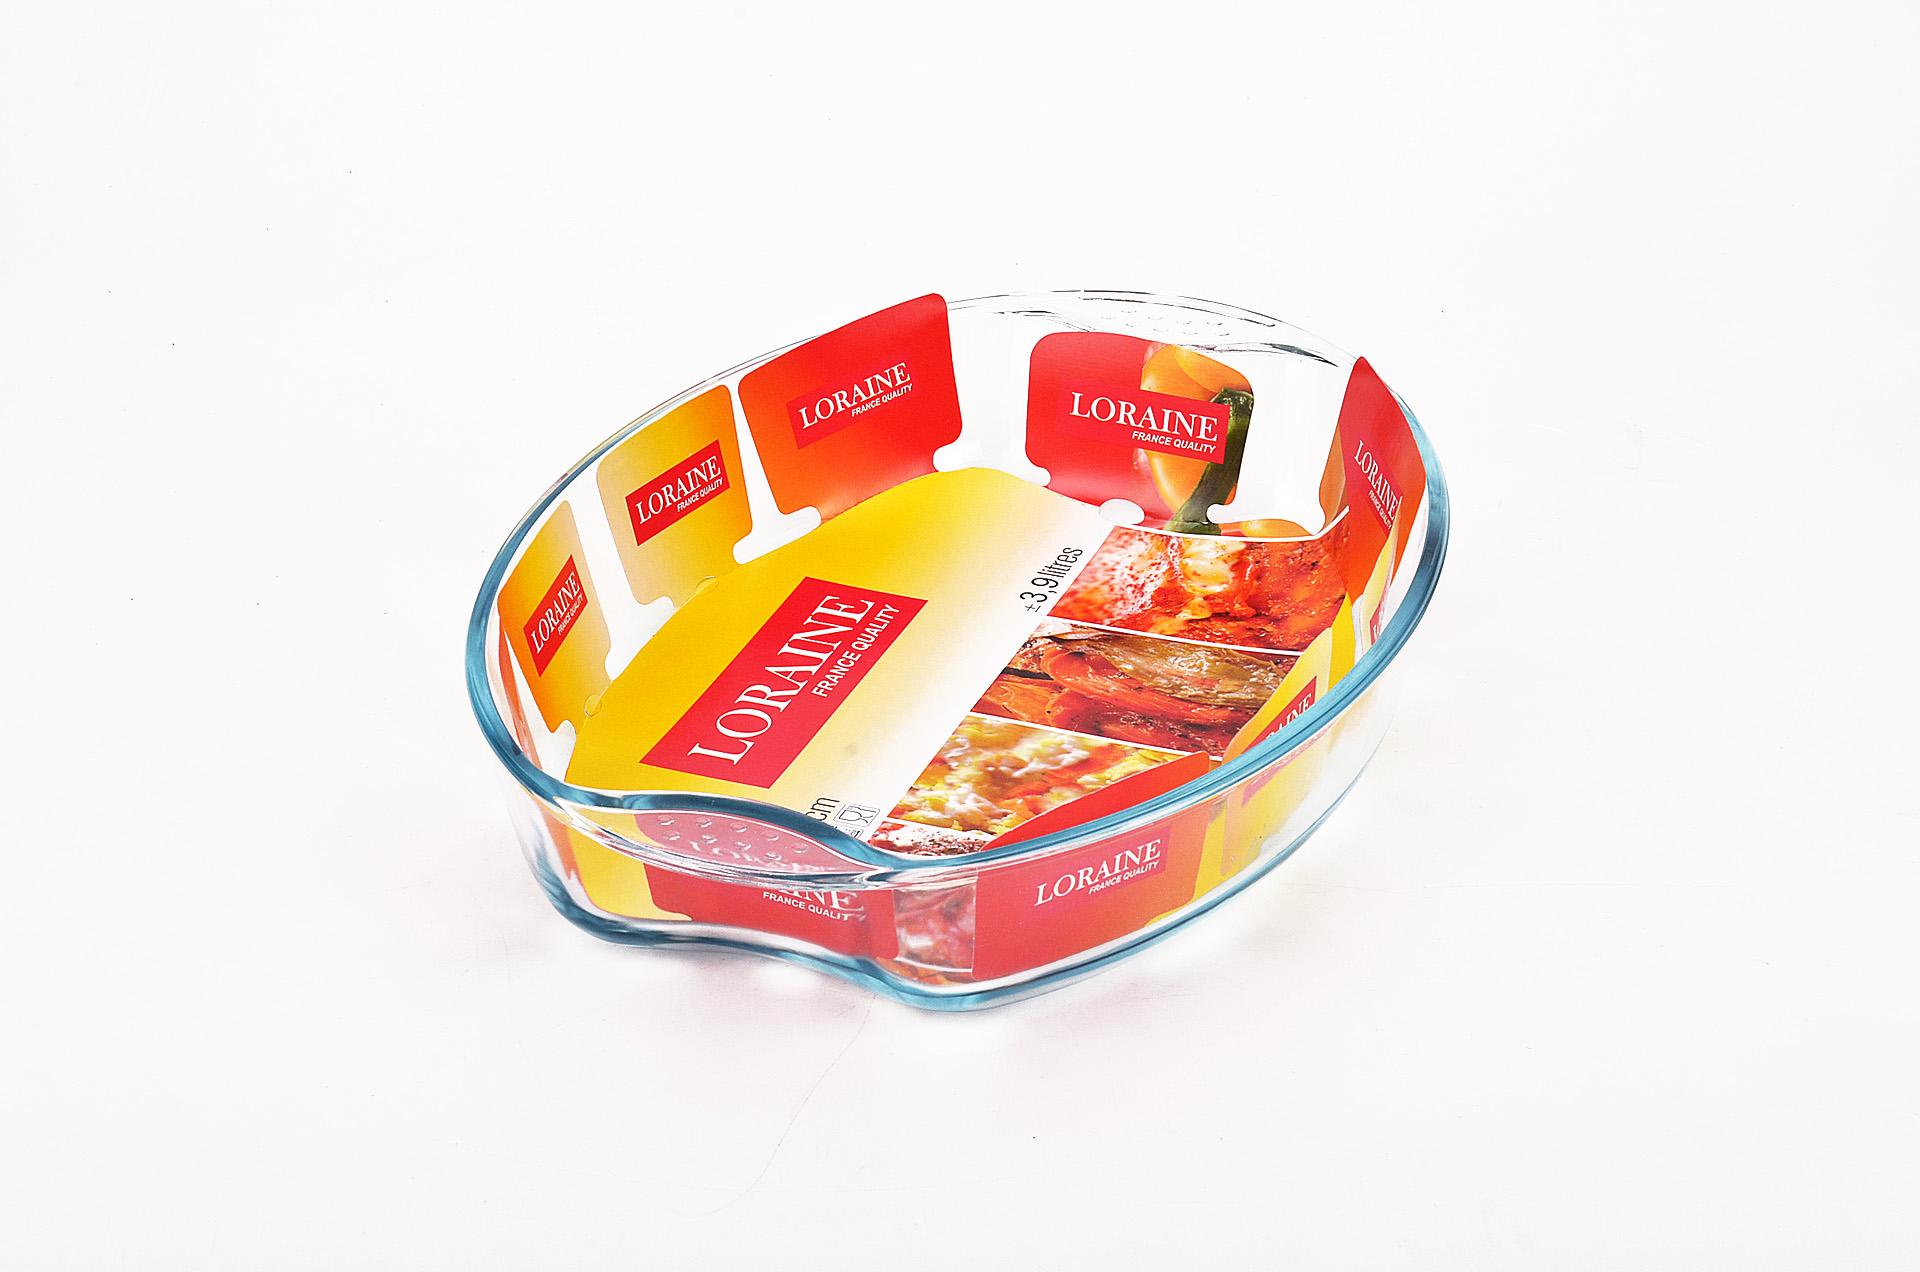 Жаровня Loraine, 2,9 л20667Овальная жаровня Loraine изготовлена из жаропрочного боросиликатного прозрачного стекла. Стеклянная посуда идеальна для запекания, так как стекло - это экологически чистый, износостойкий и долговечный материал, к которому не прилипает пища, в такой посуде пища сохраняет все свои полезные вещества и микроэлементы. Емкость идеальна для запекания в духовке птицы и мяса, для приготовления лазаньи, запеканки и даже пирогов. С жаровней Loraine вы всегда сможете порадовать своих близких оригинальной выпечкой. Подходит для использования в духовке при температуре до +400°С, в морозильной камере при температуре до -40°С. Можно использовать в микроволновой печи. Подходит для мытья в посудомоечной машине. Объем: 2,9 л. Размер жаровни (с учетом ручек): 34,5 см х 24 см. Высота стенки: 6,5 см.